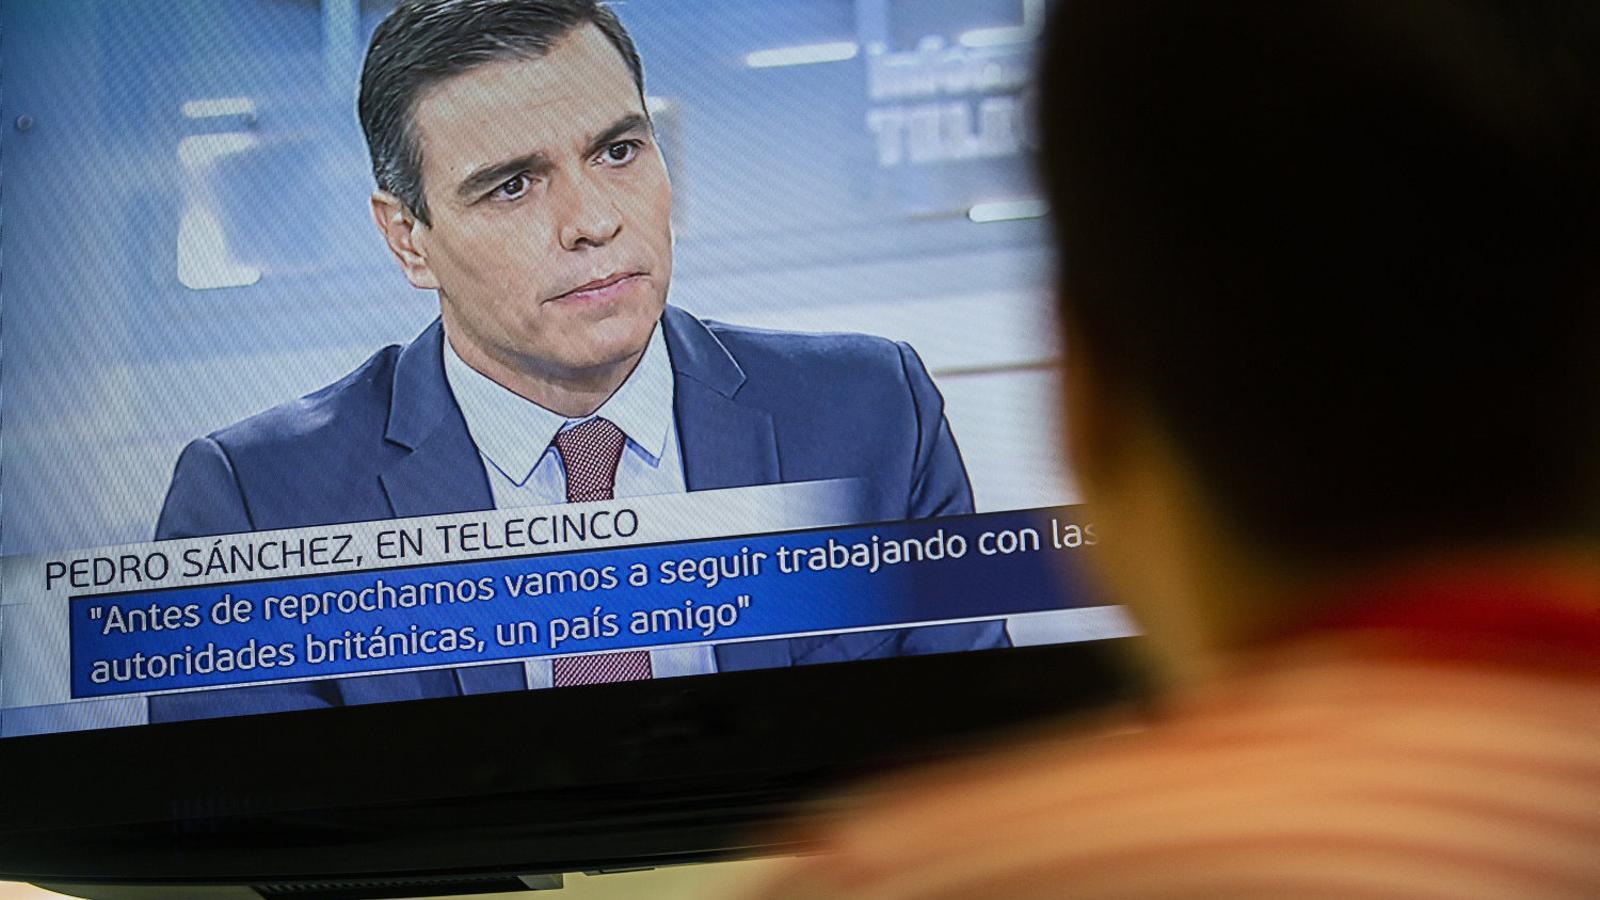 Sánchez tanca files amb el rei i frena el debat sobre la república